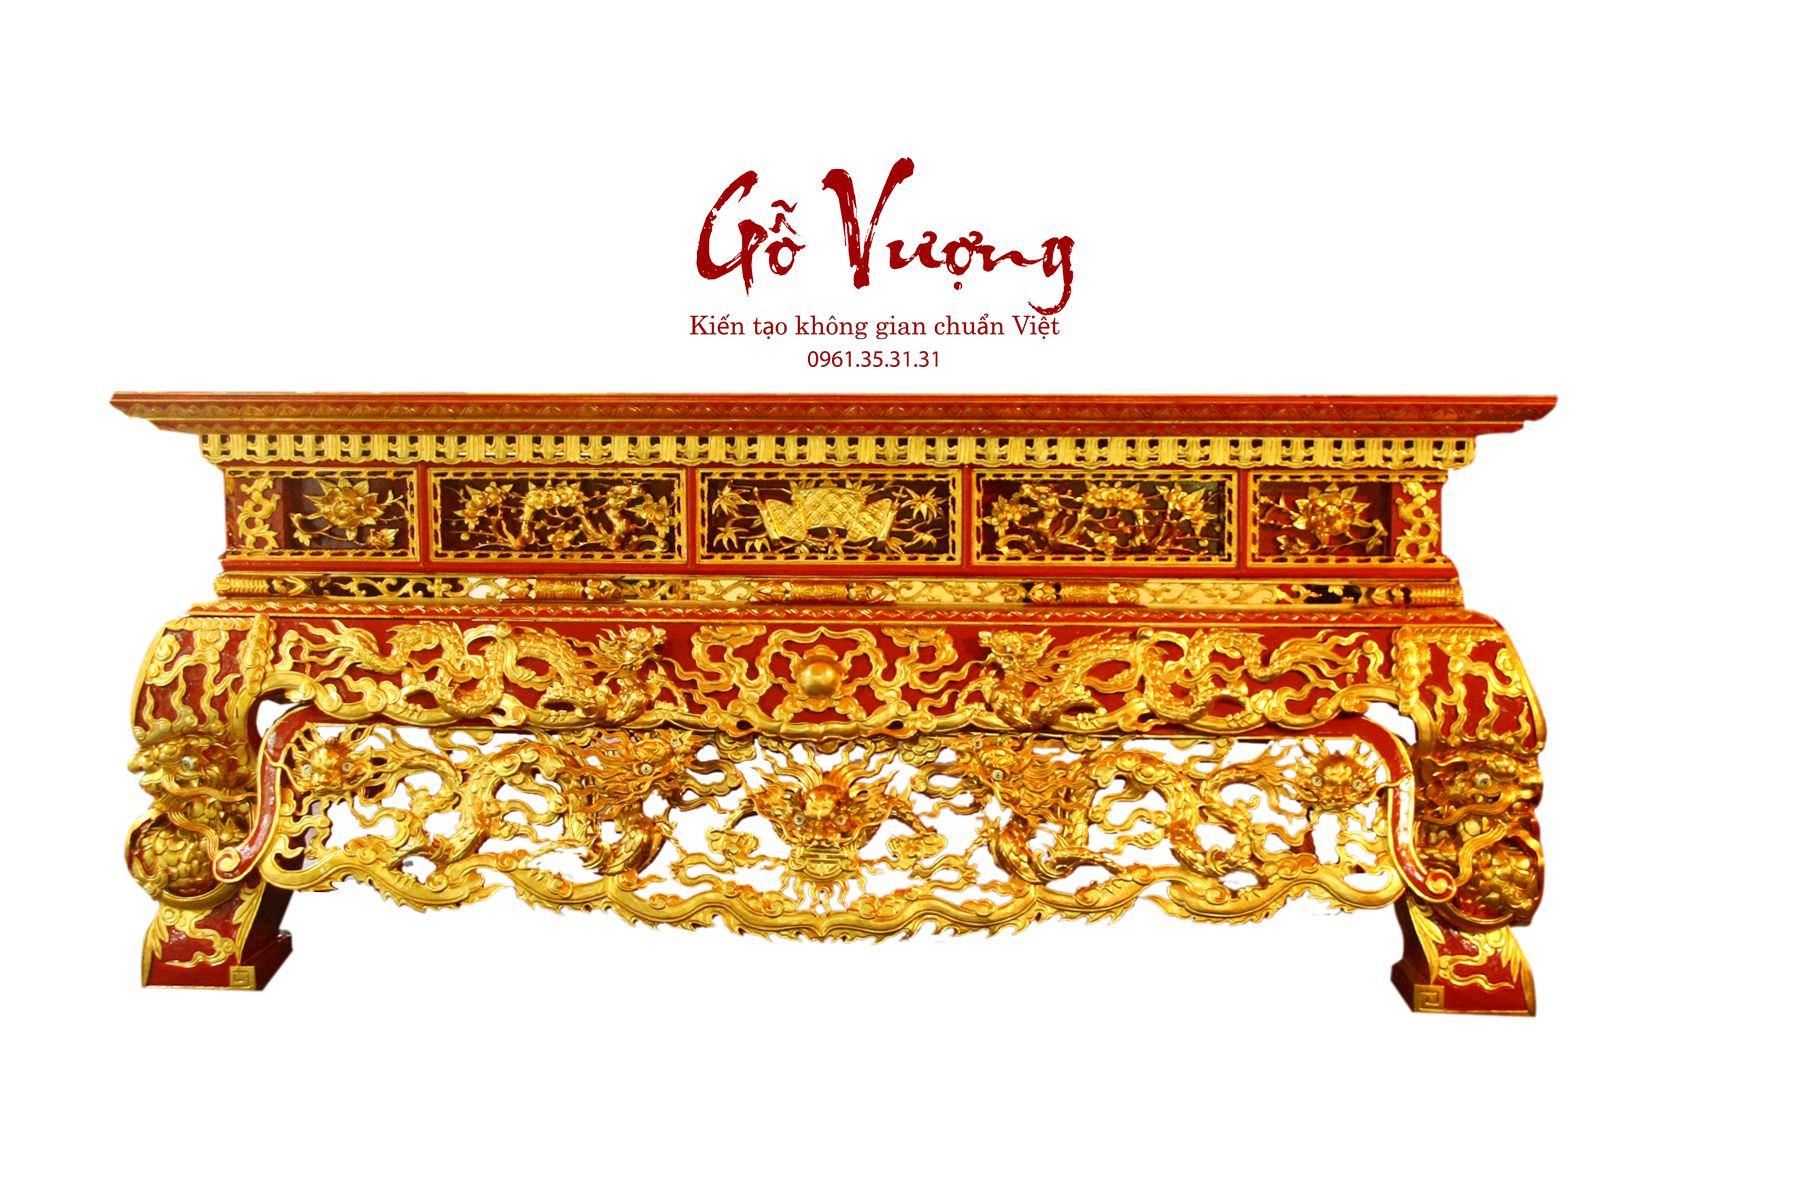 Sập thờ 2 dạ sơn son thếp vàng được thi công tinh xảo bởi công ty Gỗ Vượng Việt Nam